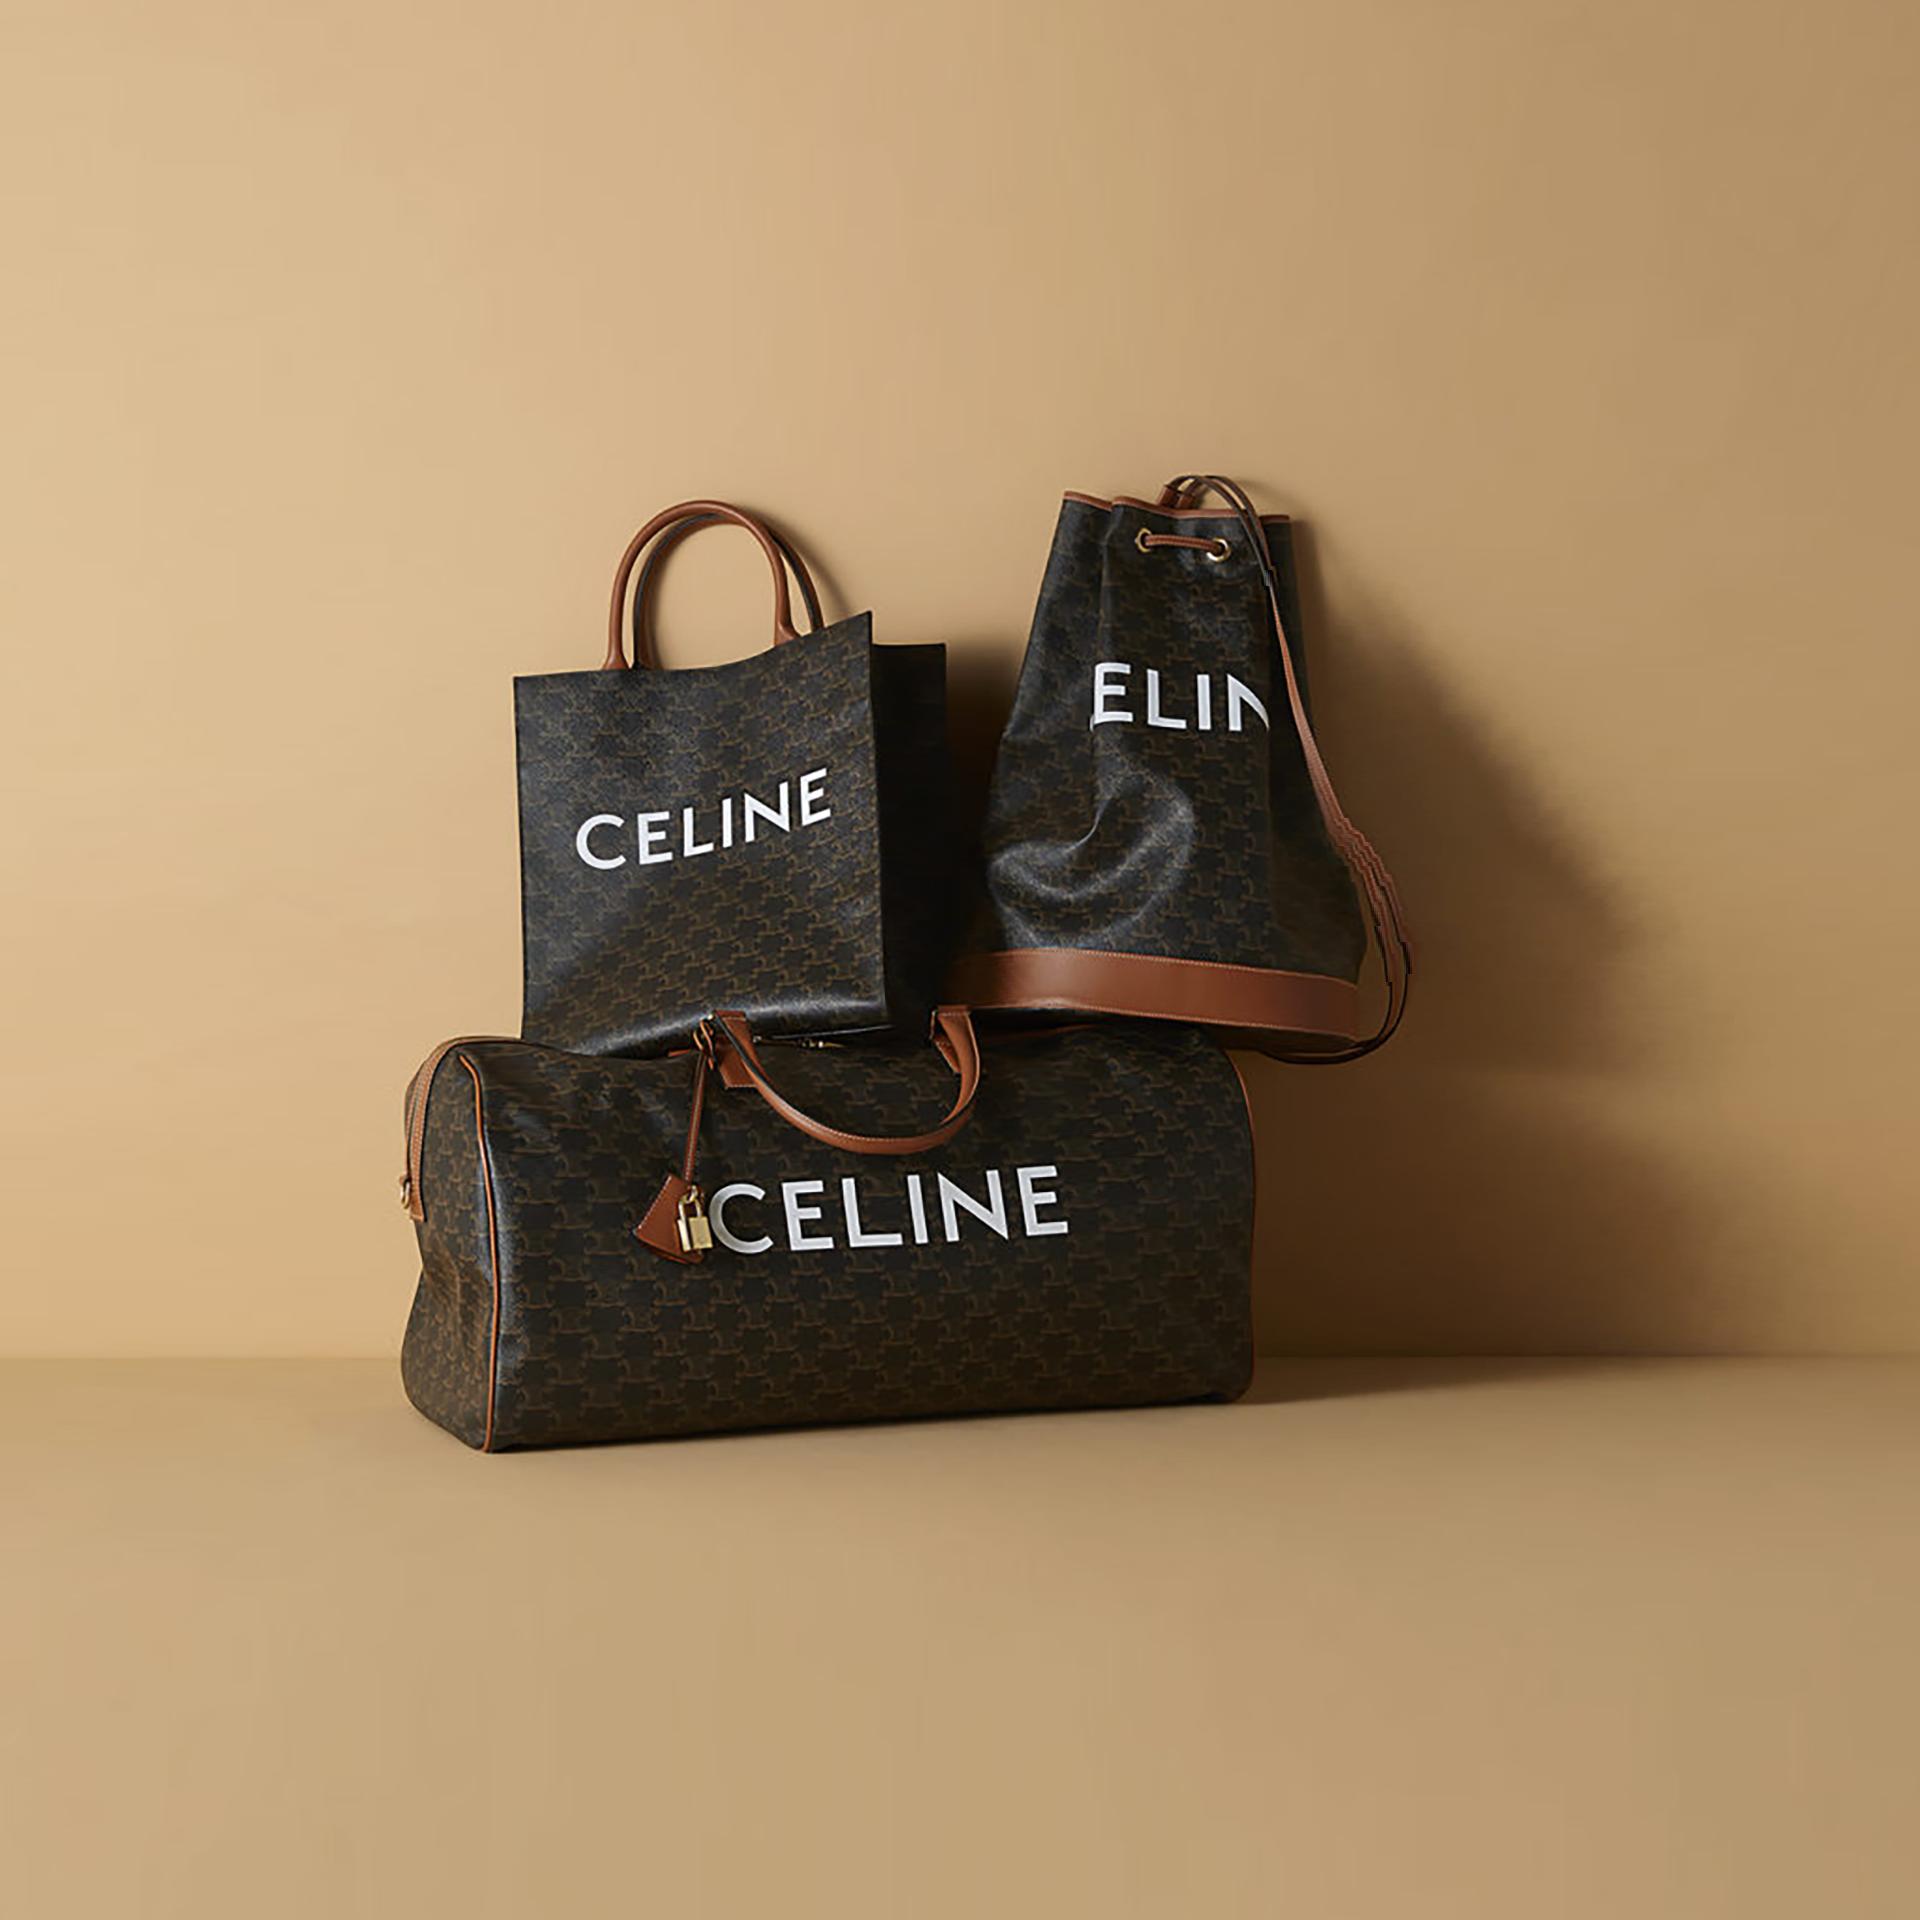 celine best deals